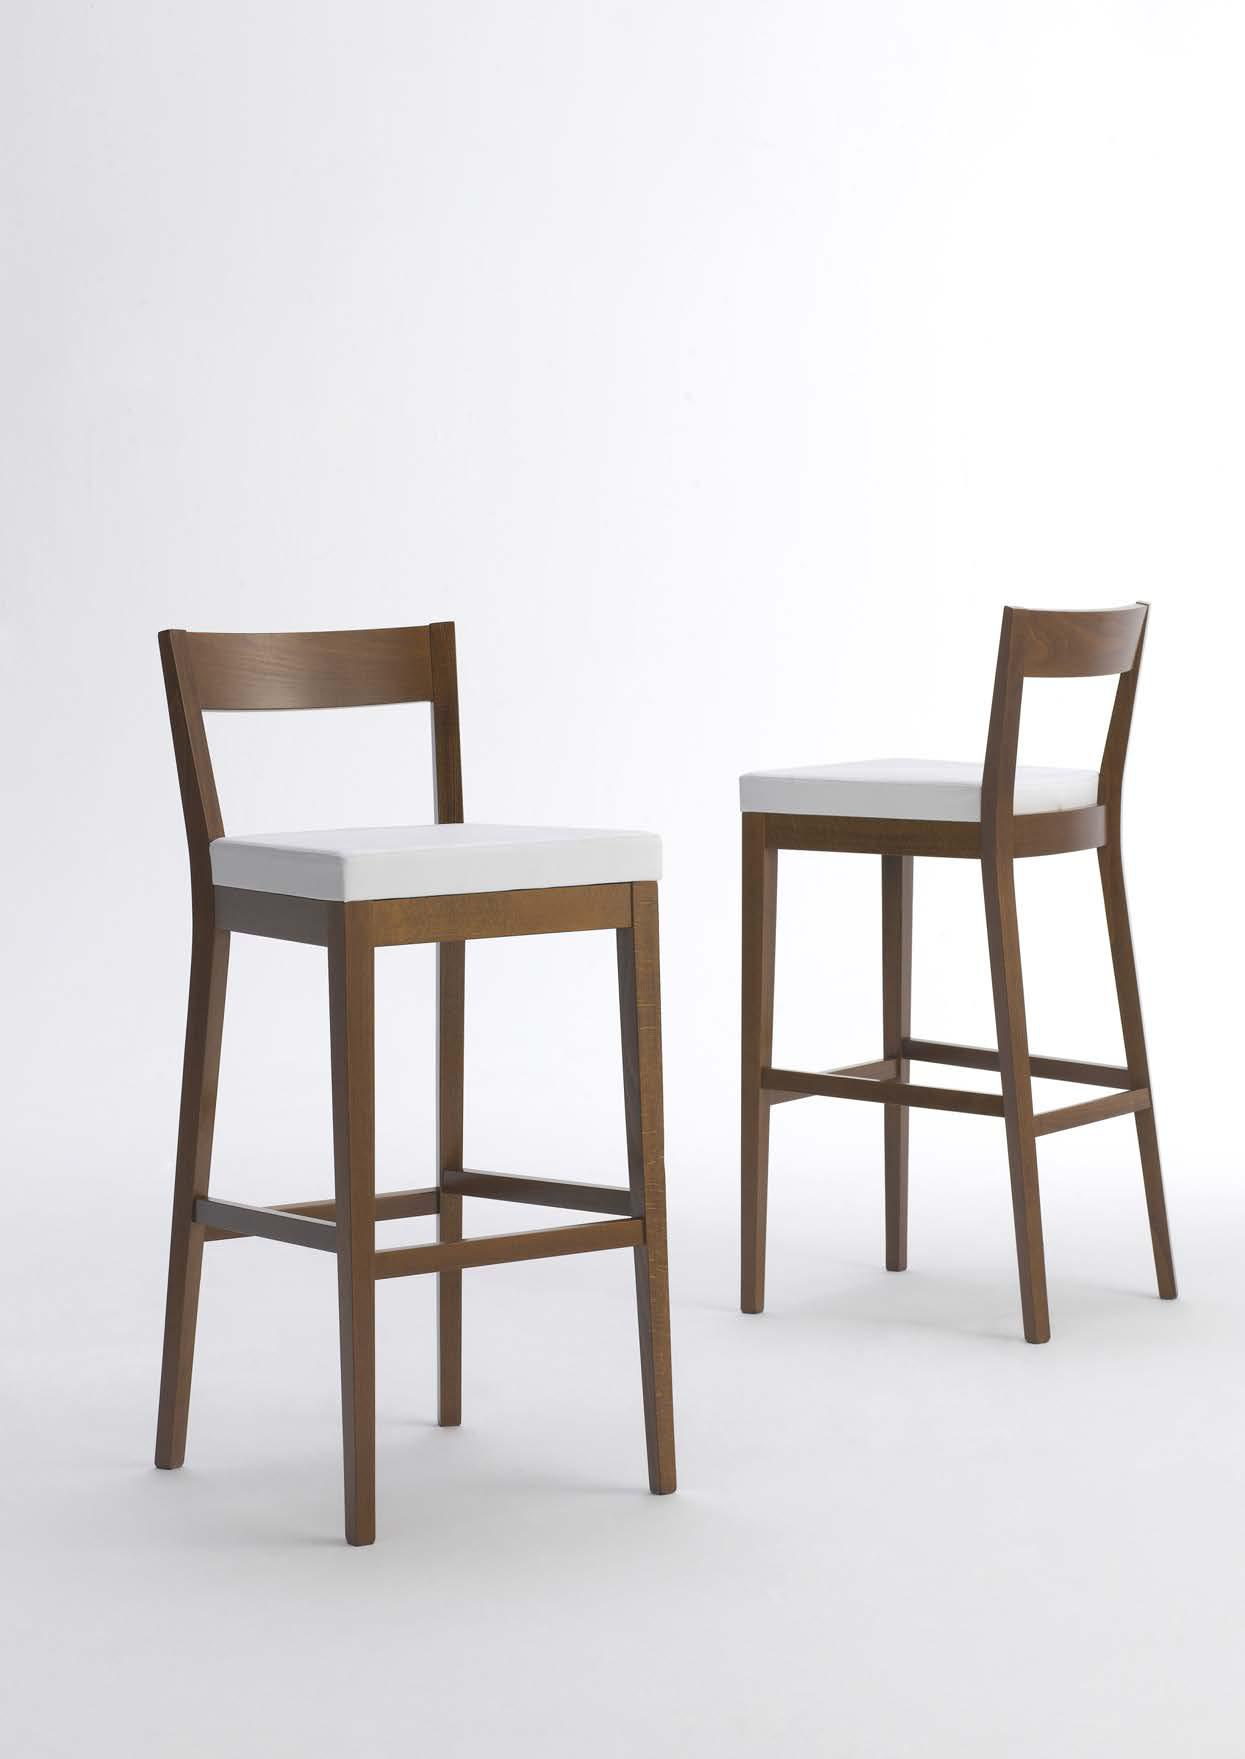 Sedie bar economiche free sedie in stock economiche avec plastica prezzi con bar resina - Tavoli e sedie bar prezzi bassi ...